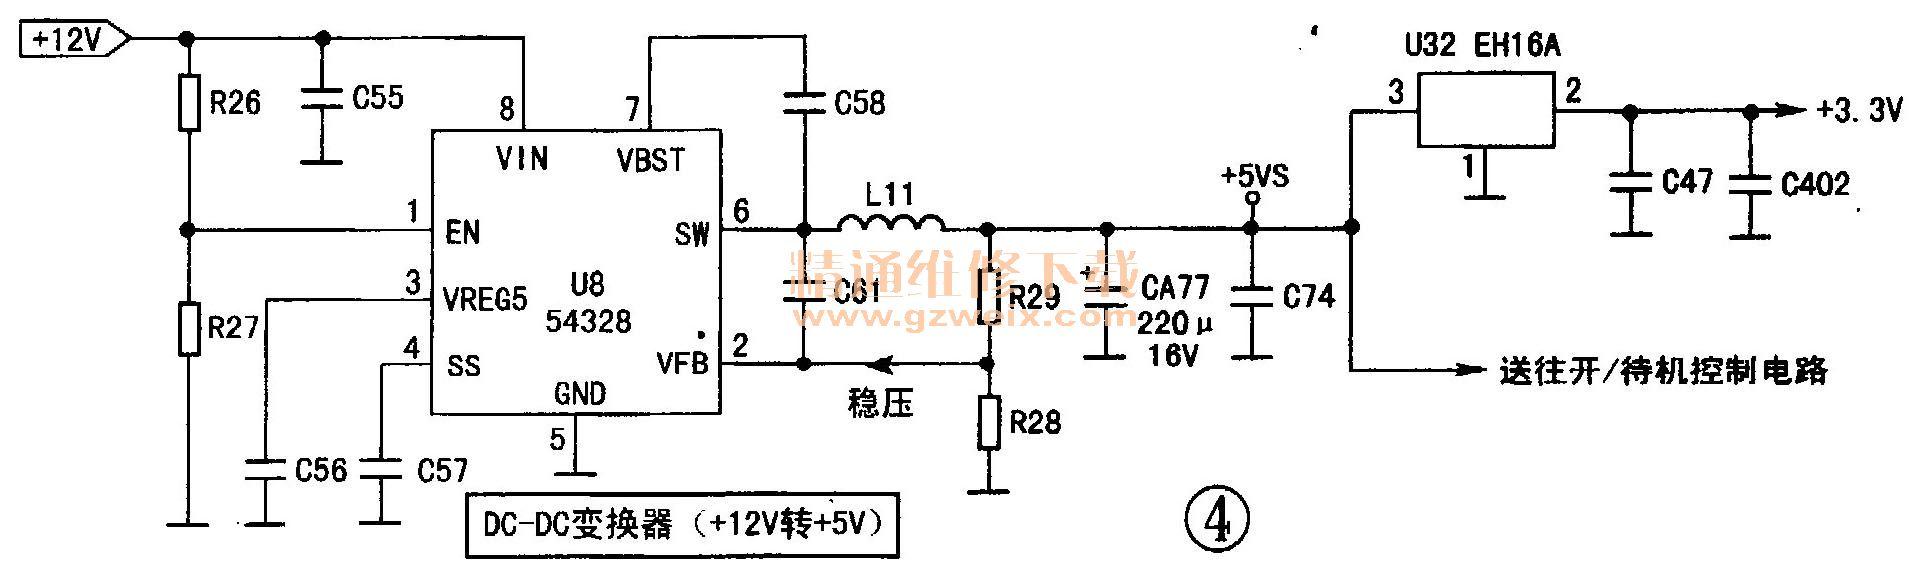 5v开关电源电路图_长虹LED32560液晶彩电三合一主板的电源、背光驱动电路分析与维修 ...